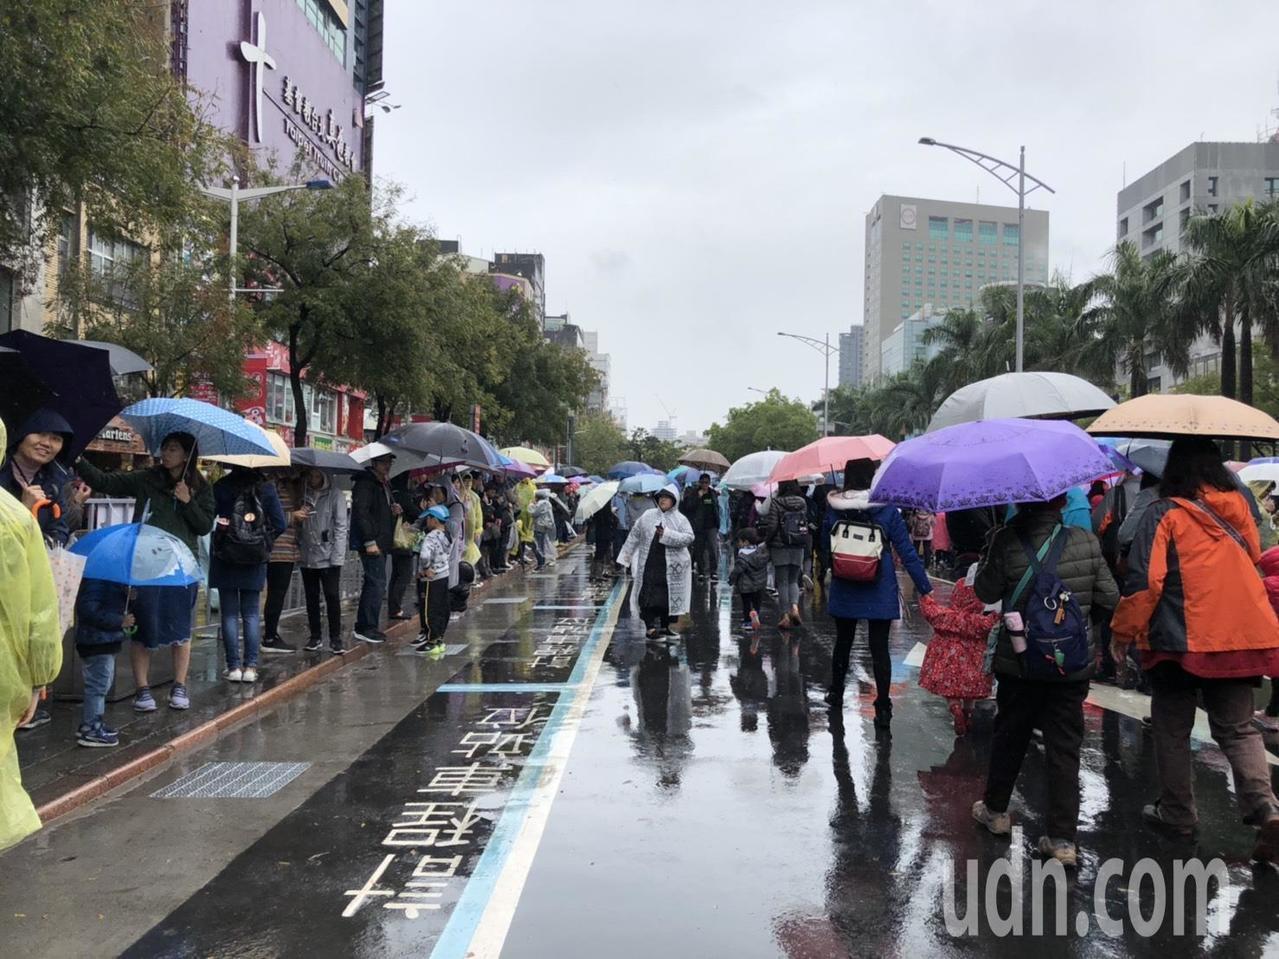 台北燈節踩街嘉年華即將在今天下午3點登場,僅管天氣濕冷,雨勢不小,不過依然澆不息...